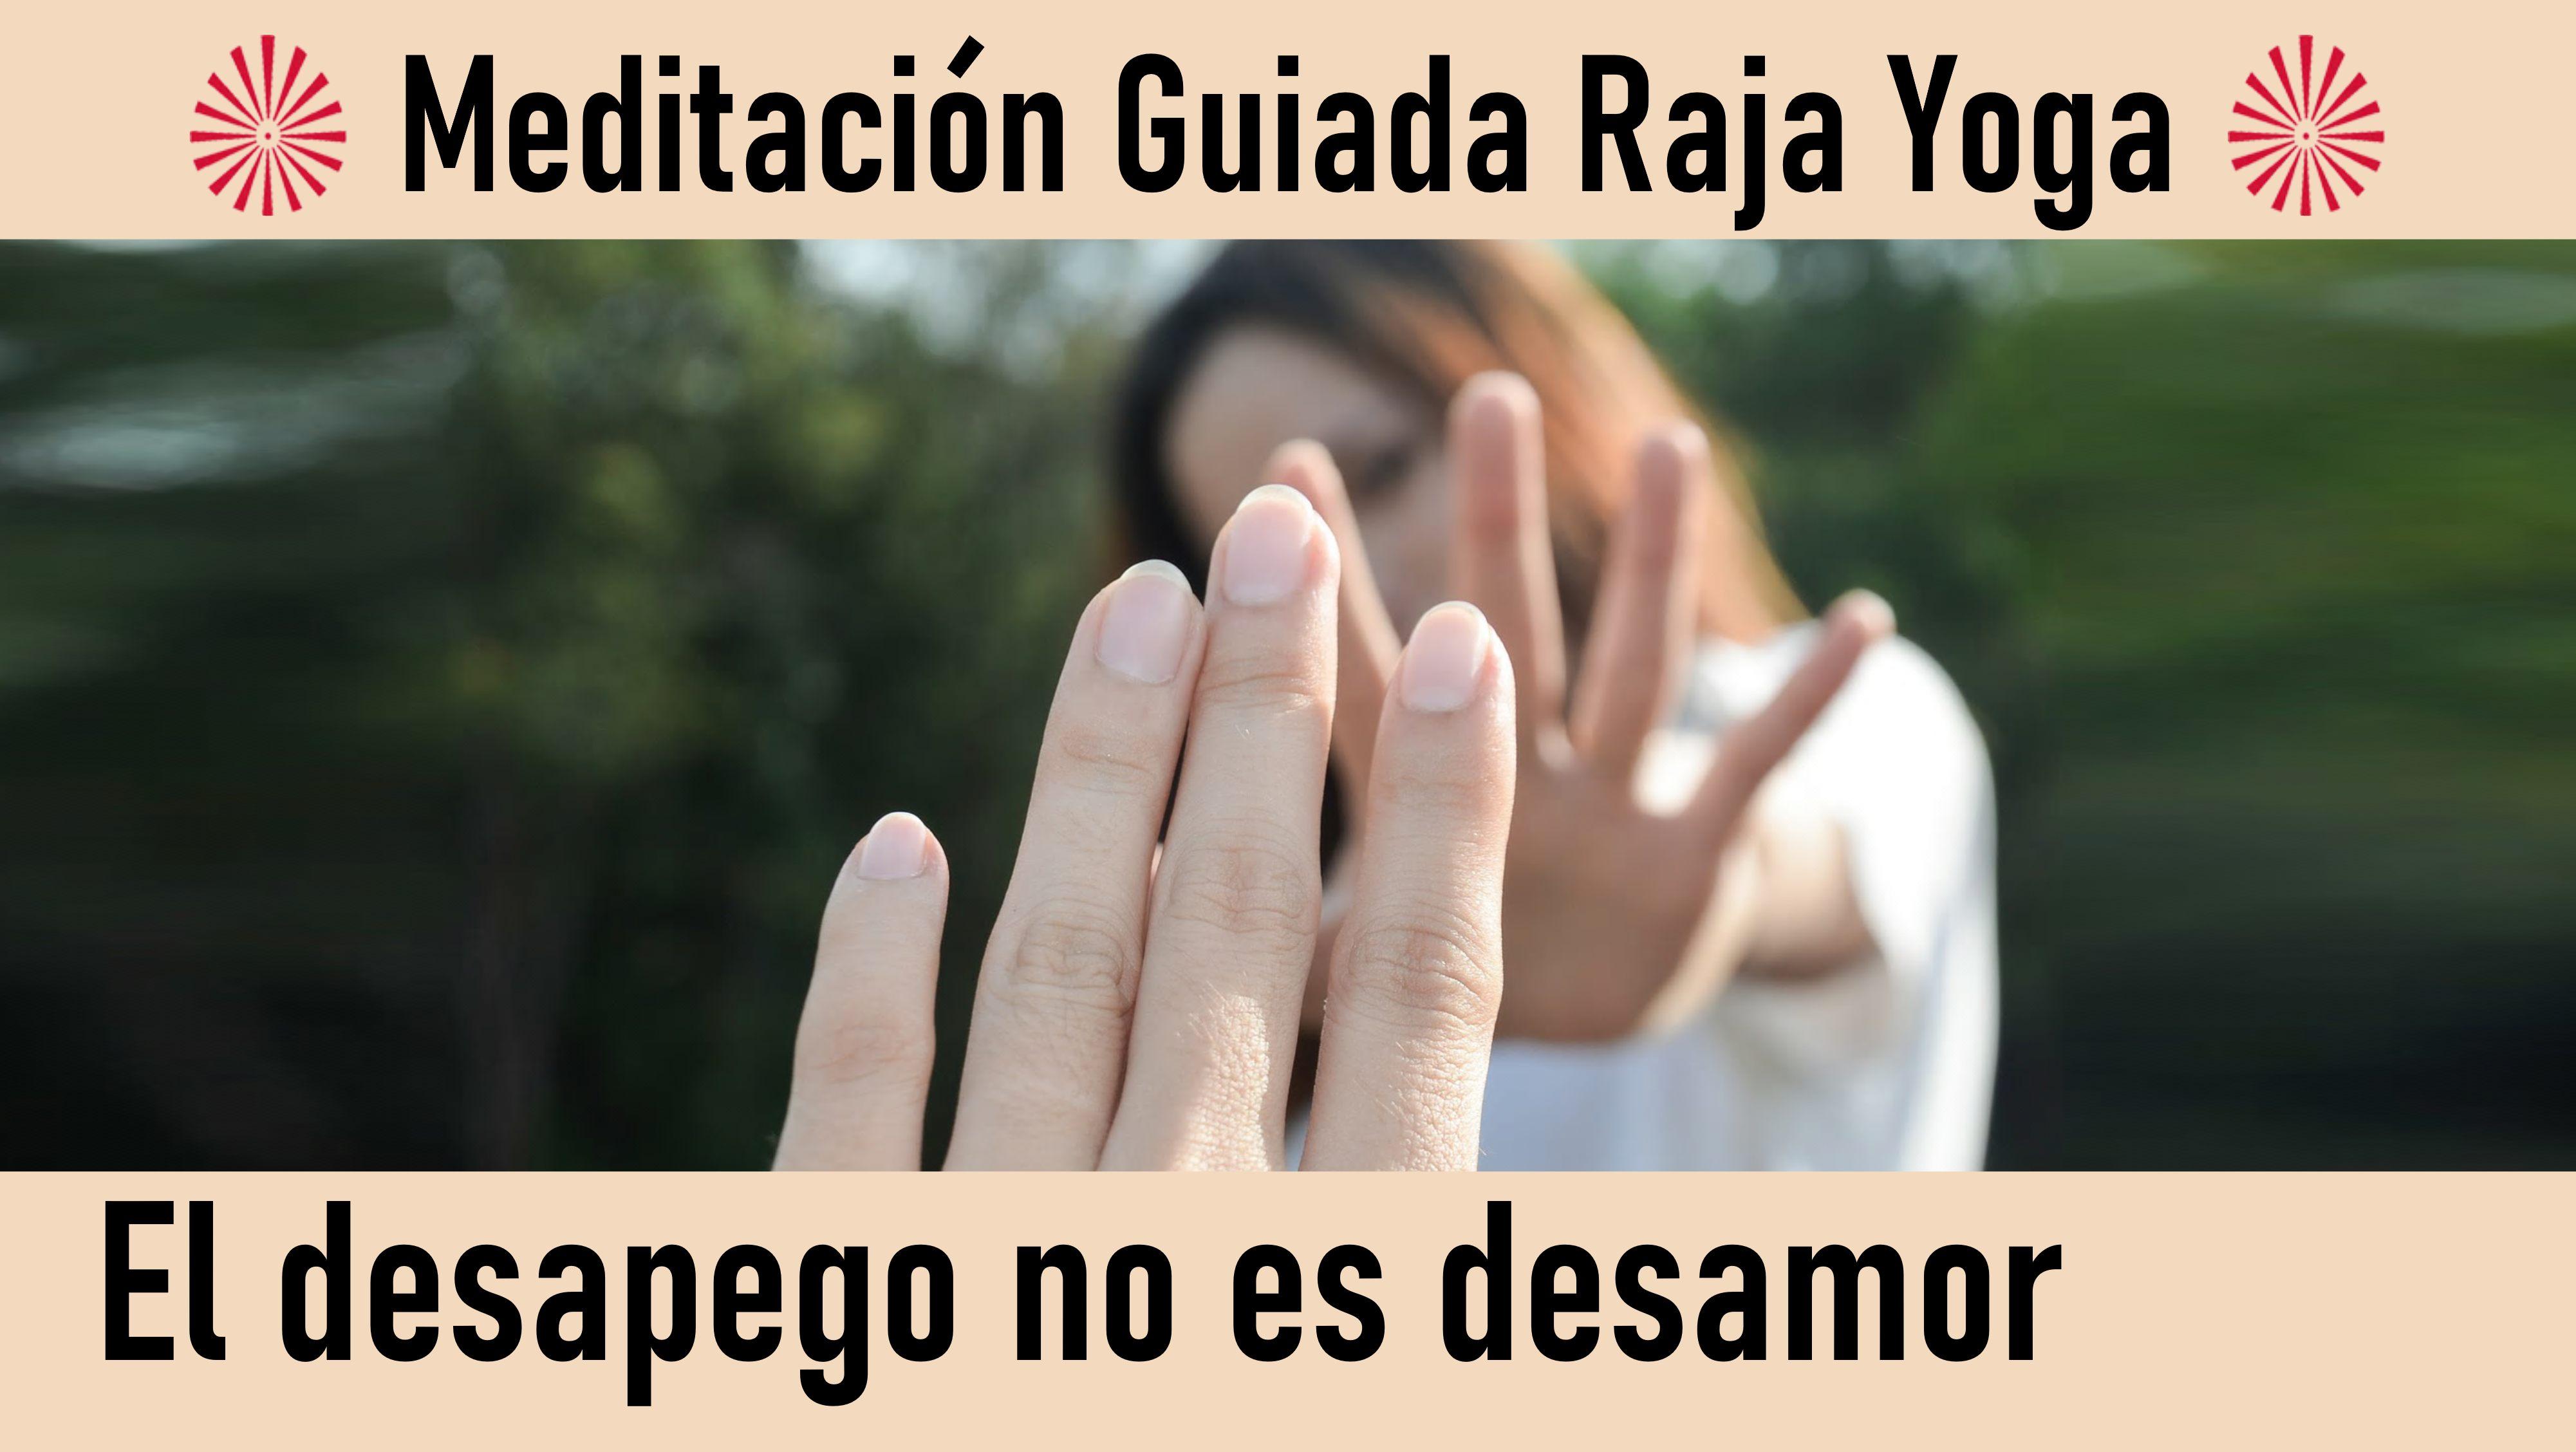 Meditación Raja Yoga: El desapego no es desamor (5 Agosto 2020) On-line desde Sevilla